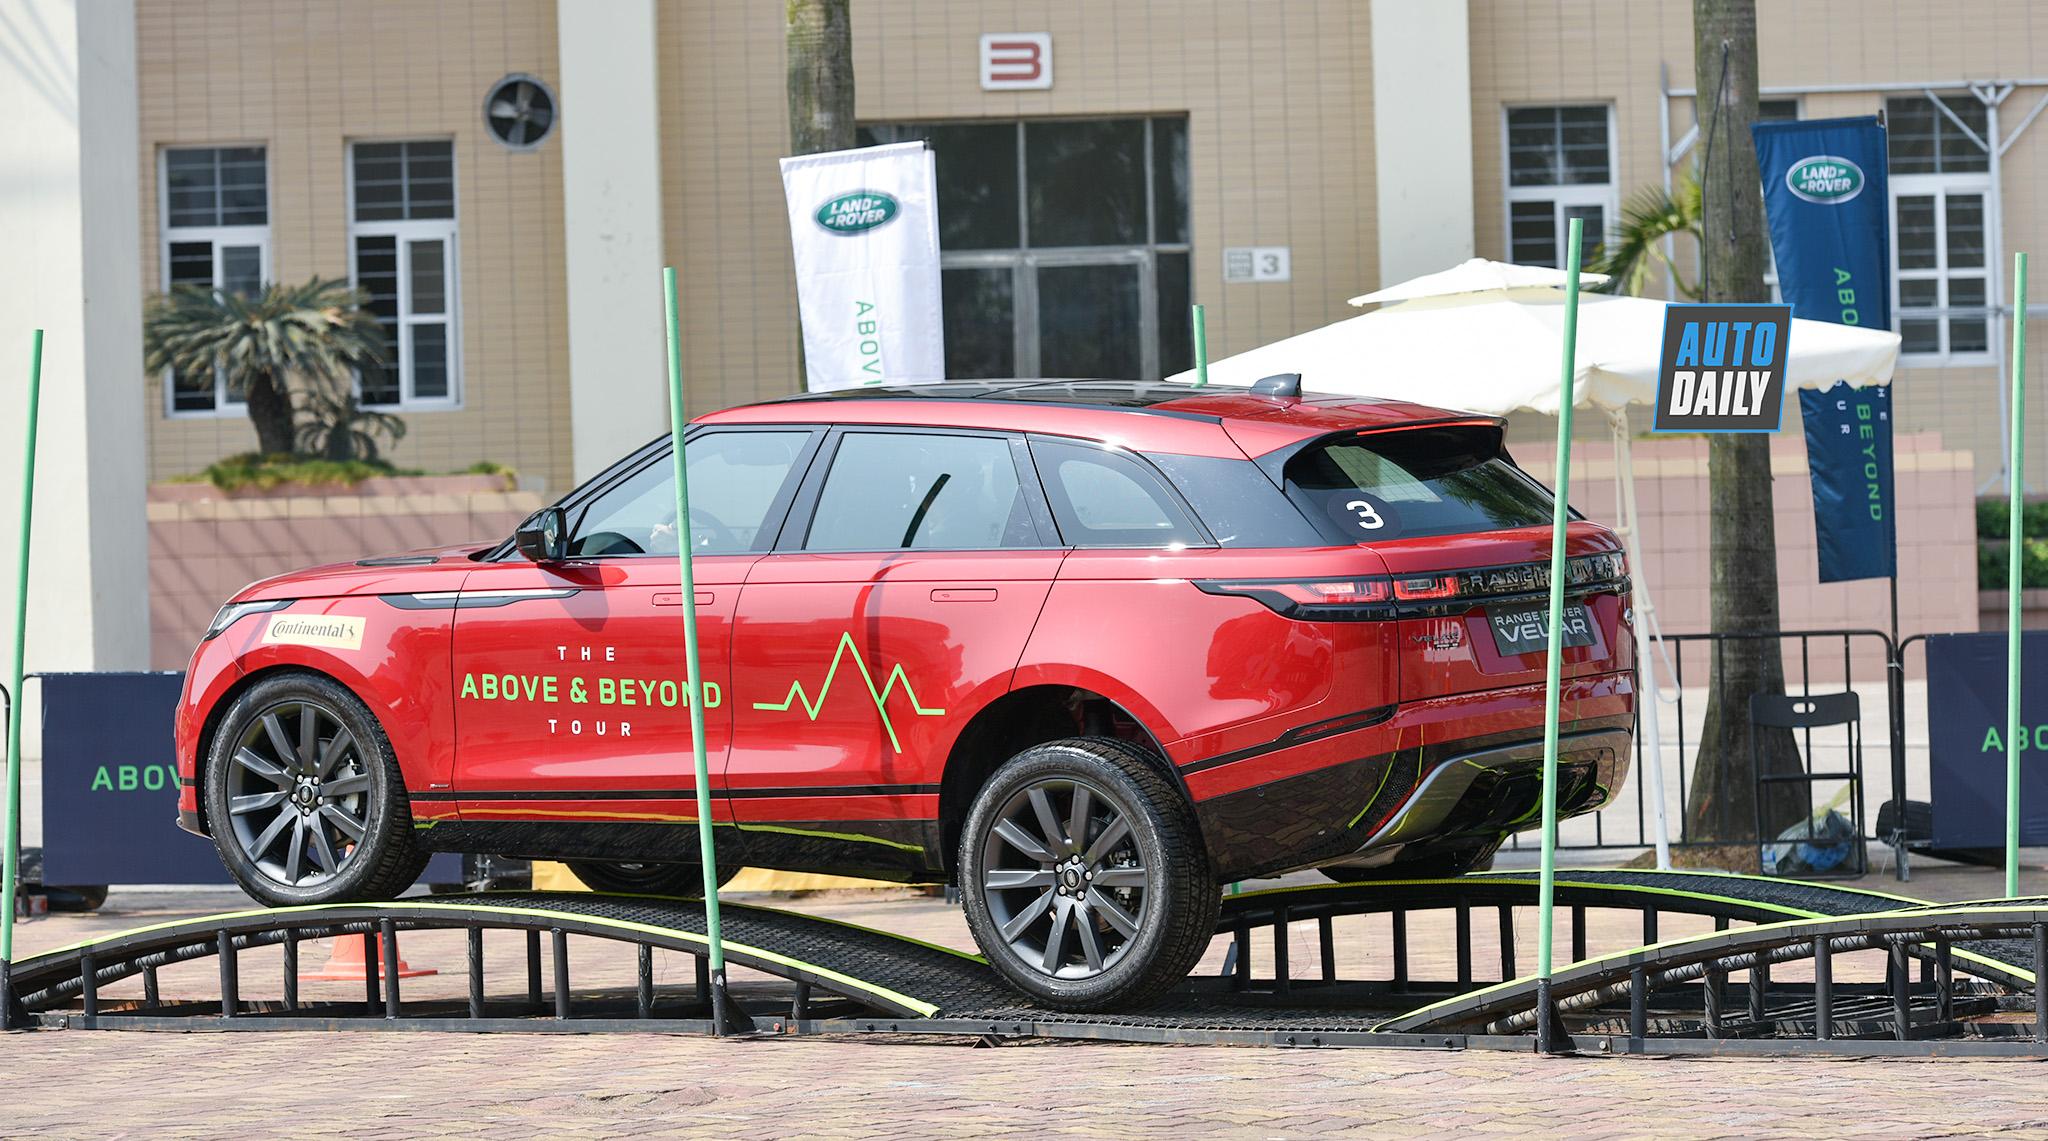 Above and Beyond Tour 2019 đến Hà Nội, cơ hội offroad bằng xe sang Land Rover